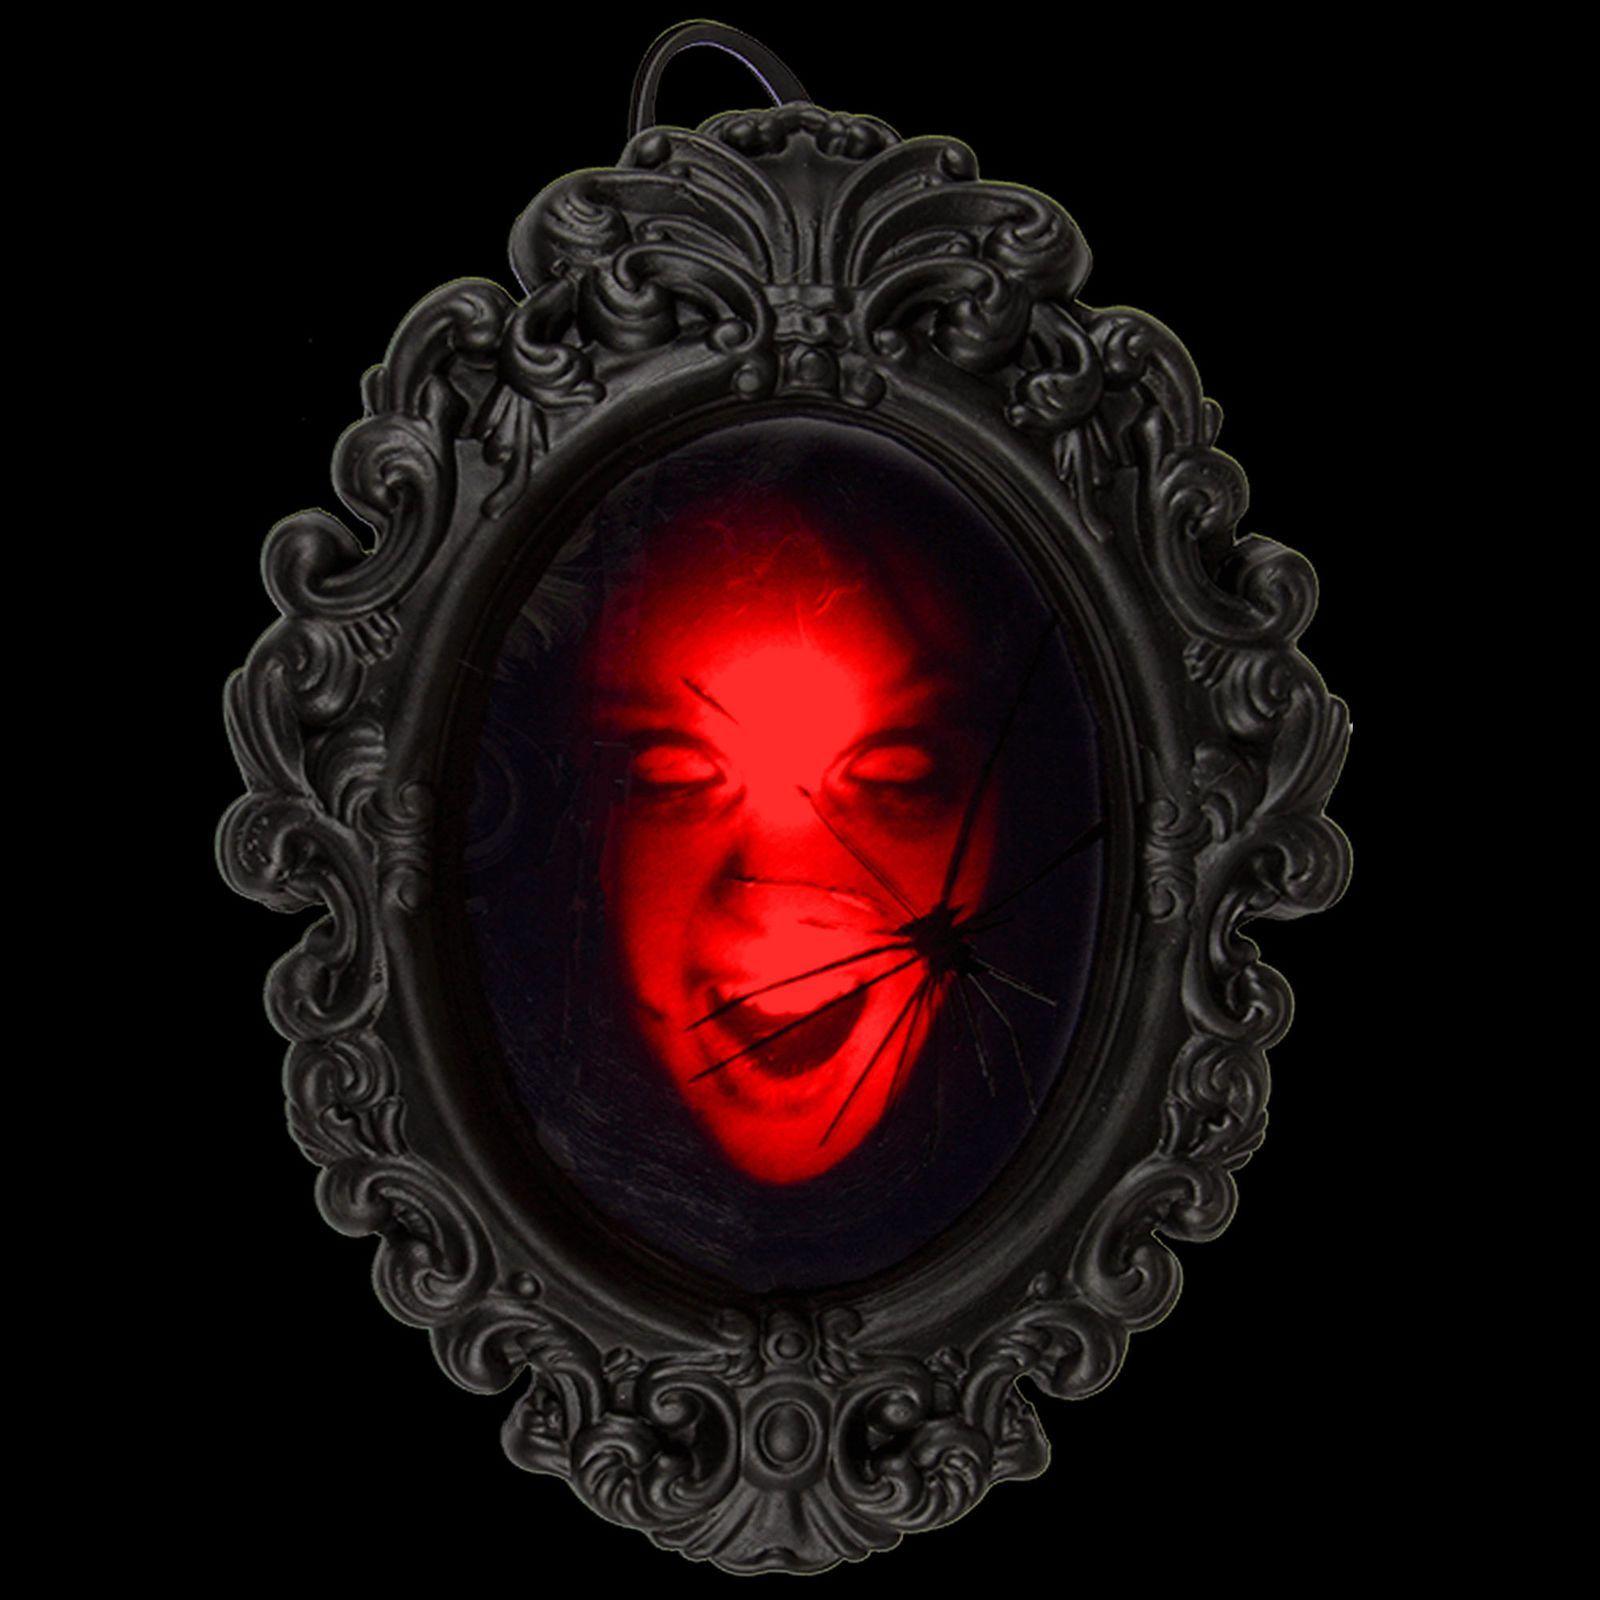 Led Horror Spiegel Mit Sound Halloween Deko Grusel Dekoration Wandspiegel Ebay Werbung Halloween Deko De Grusel Dekoration Halloween Deko Halloweendeko